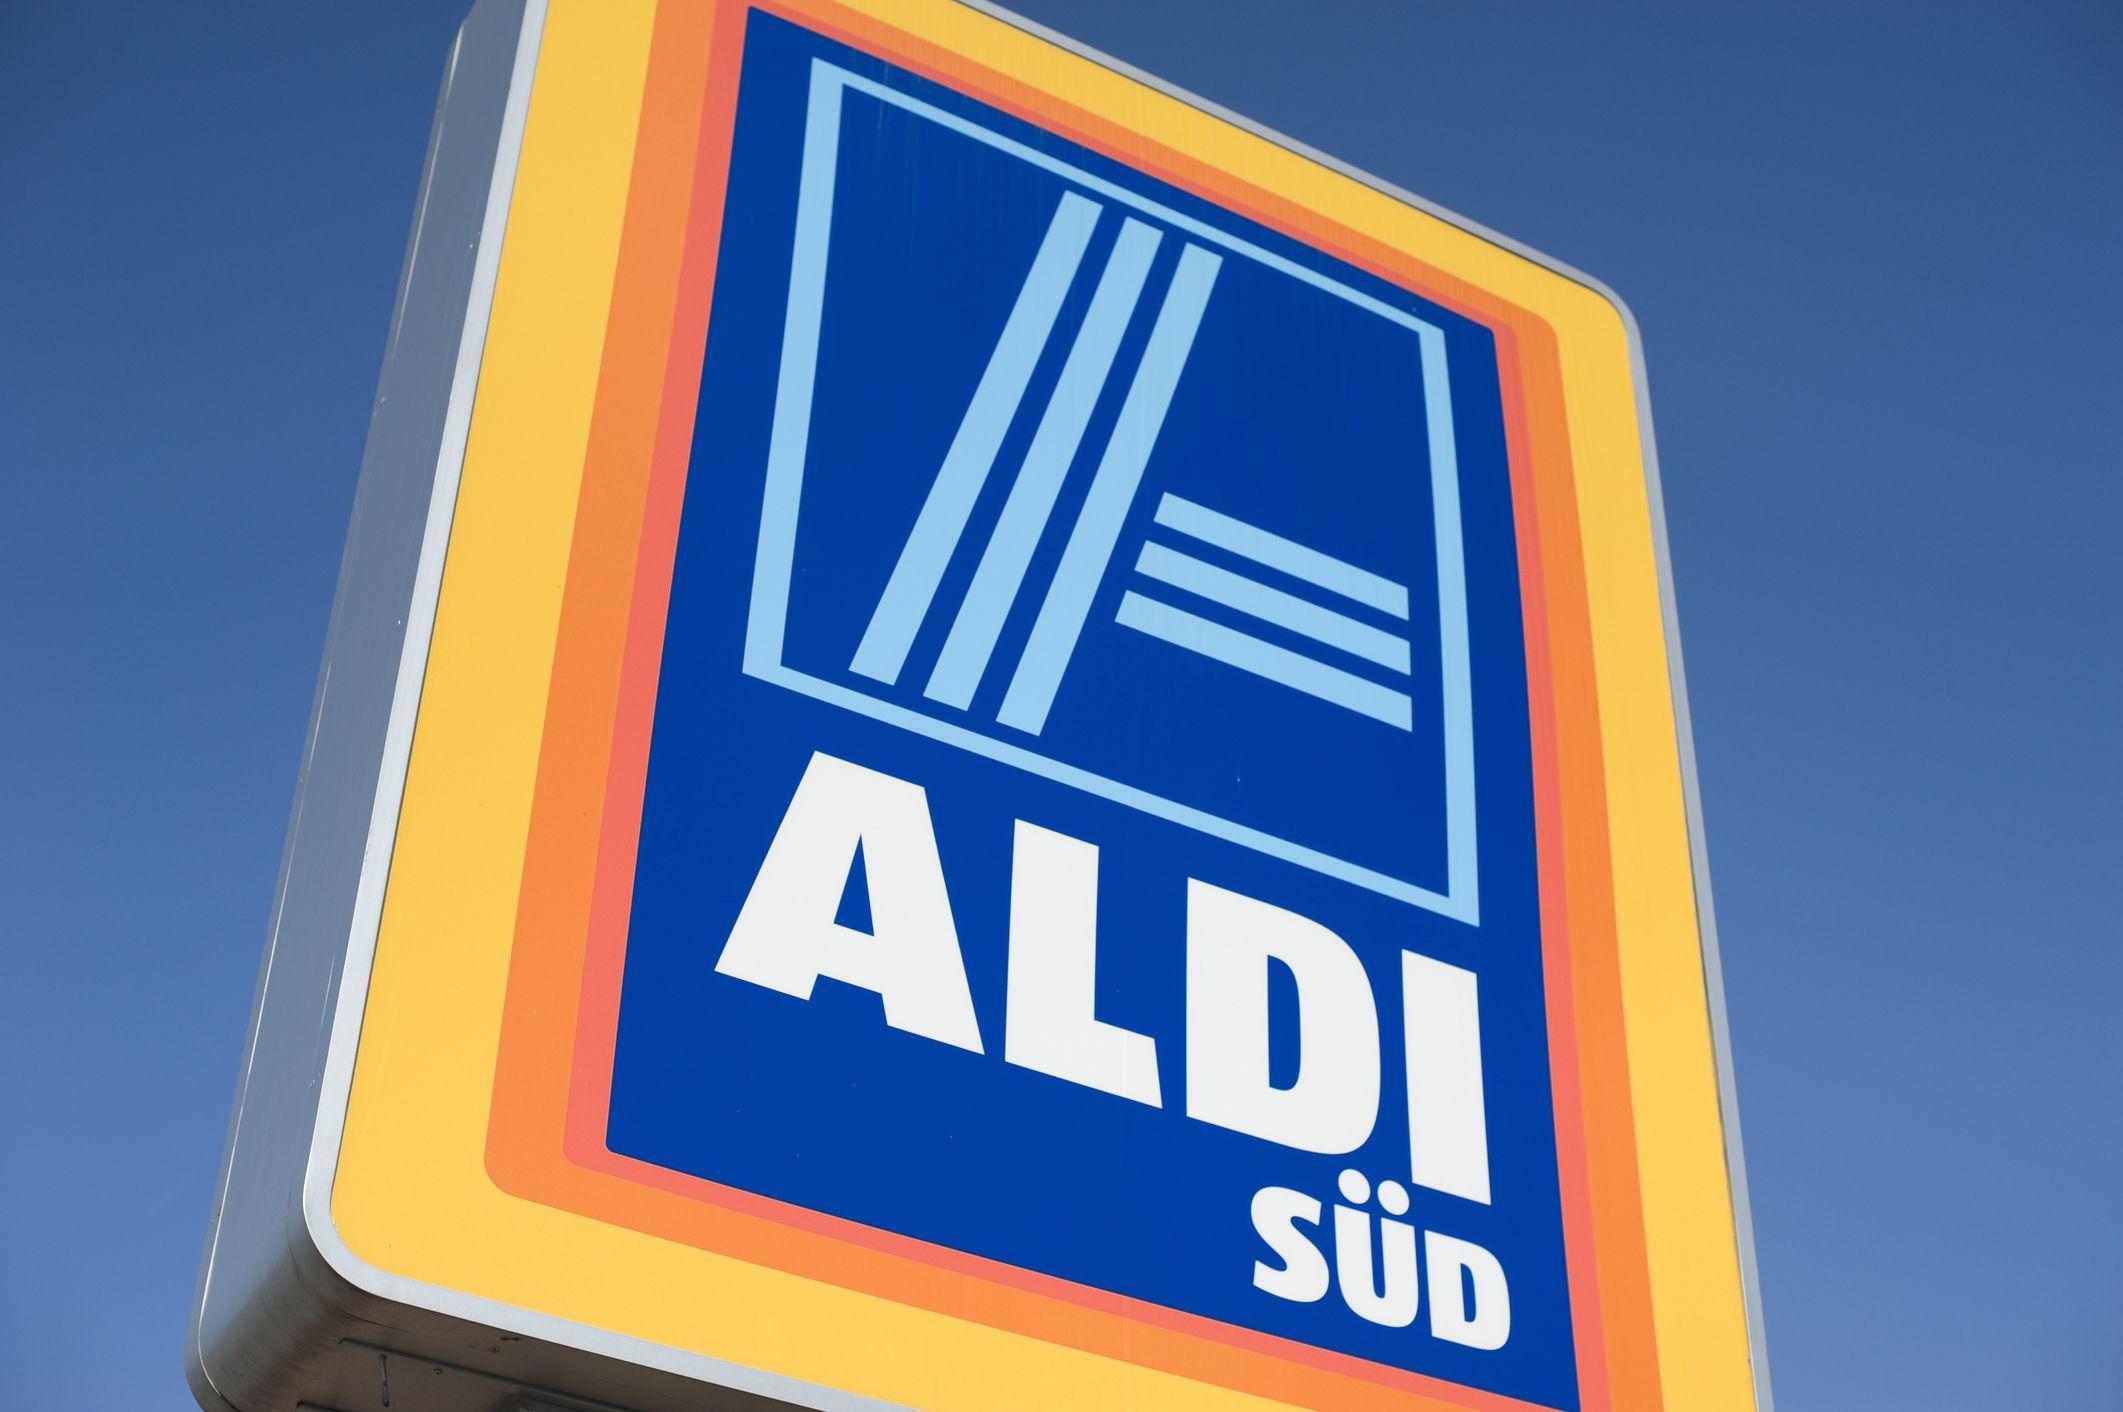 Aldi Fuhrt Zertifizierte Milch Mit Tierschutzlabel Ein Wunderweib Aldi Plastikverpackung Wunderweib